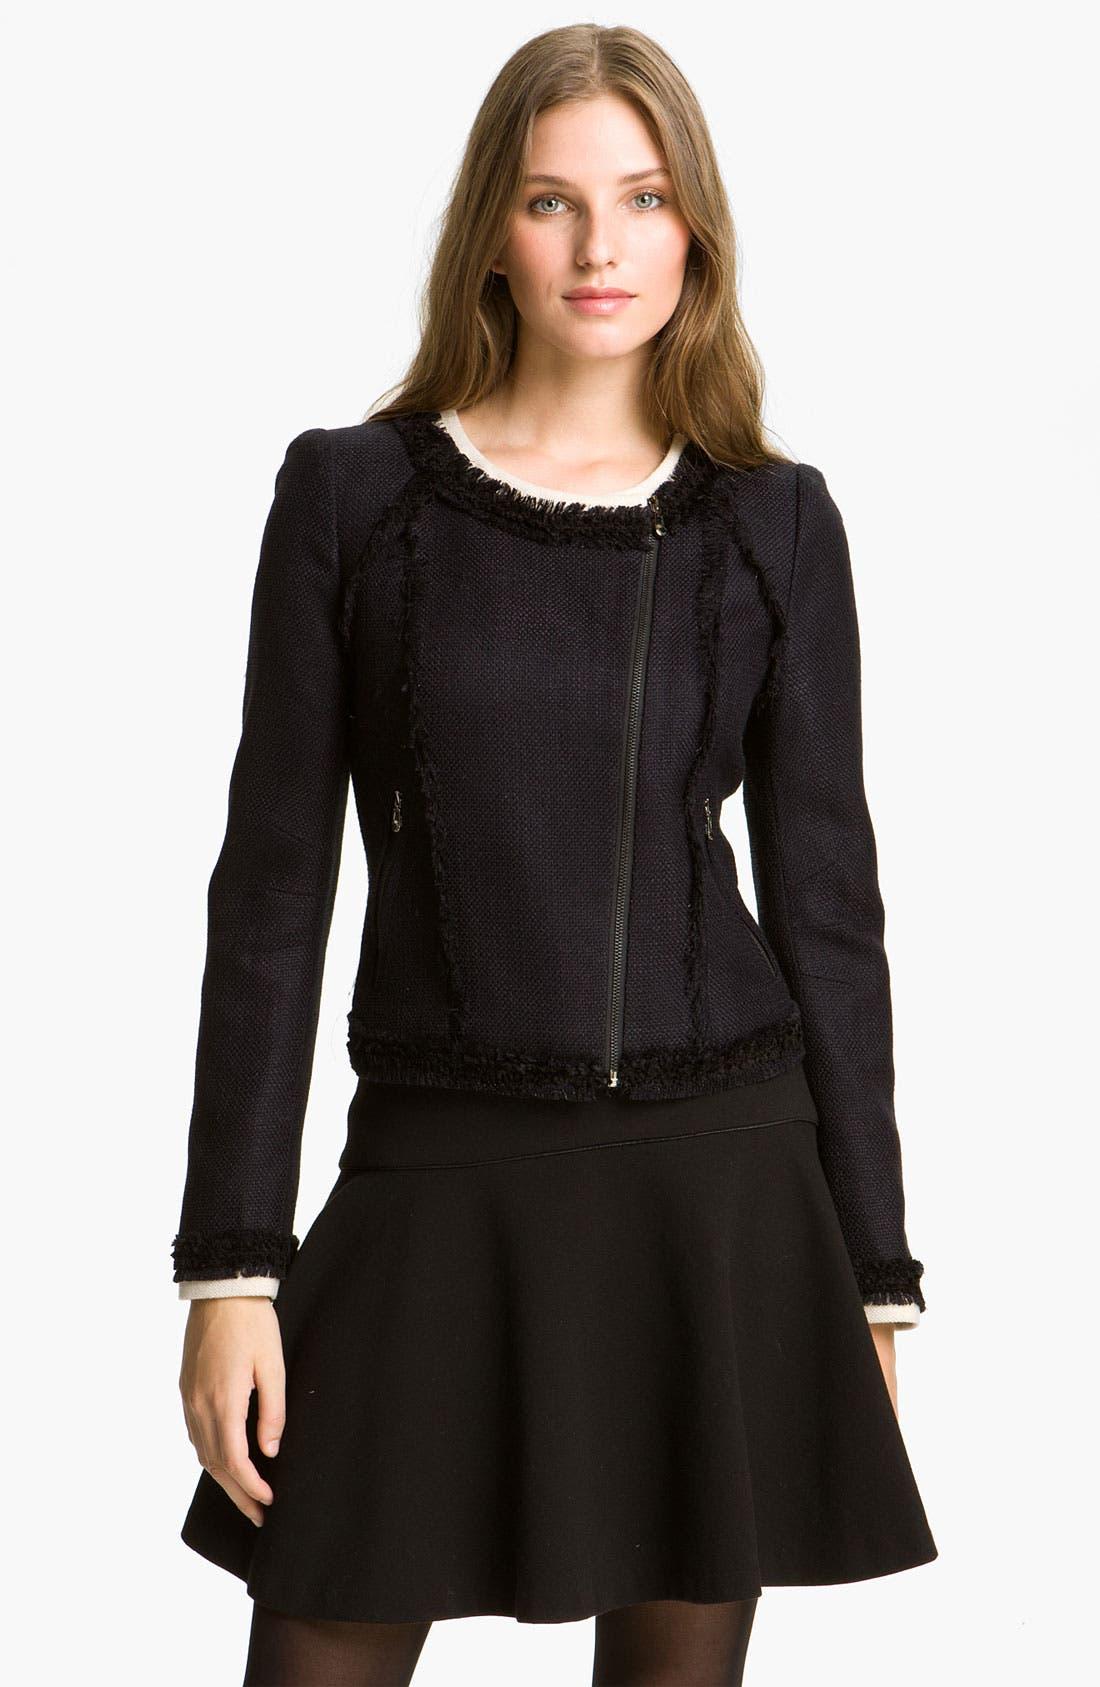 Alternate Image 1 Selected - Mcginn 'Sasha' Contrast Trim Tweed Jacket